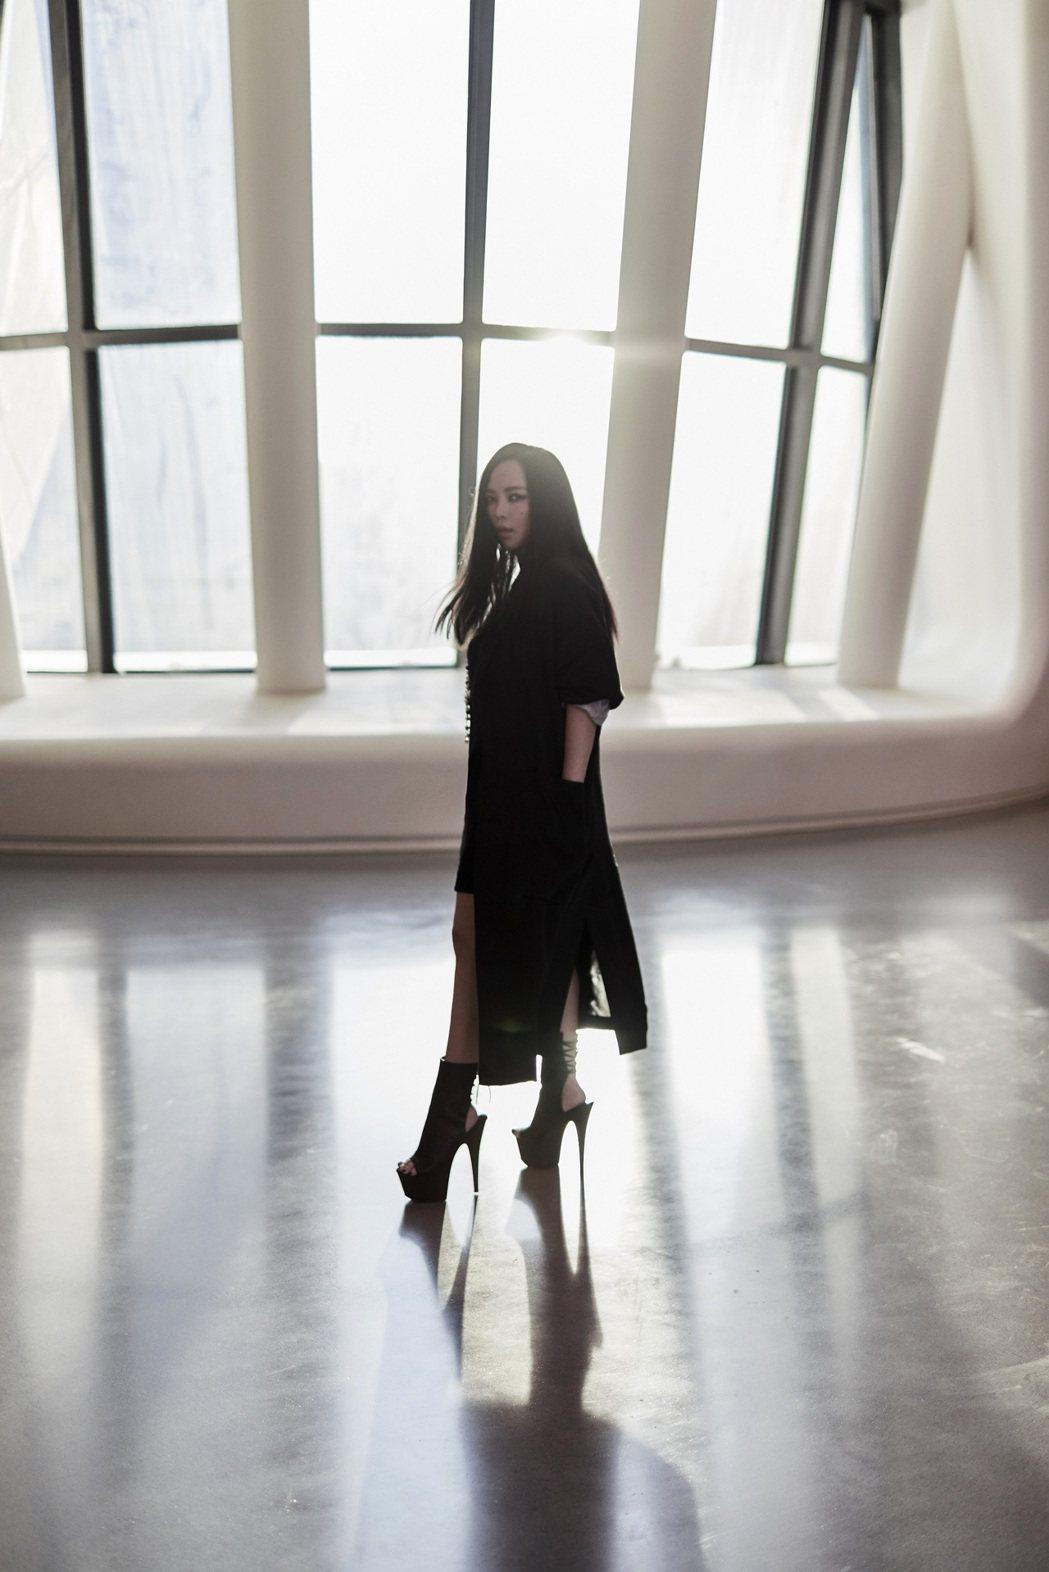 阿妹擔任「聲入人心」評審,節目開播2集都還沒有表演橋段。圖/聲動娛樂提供